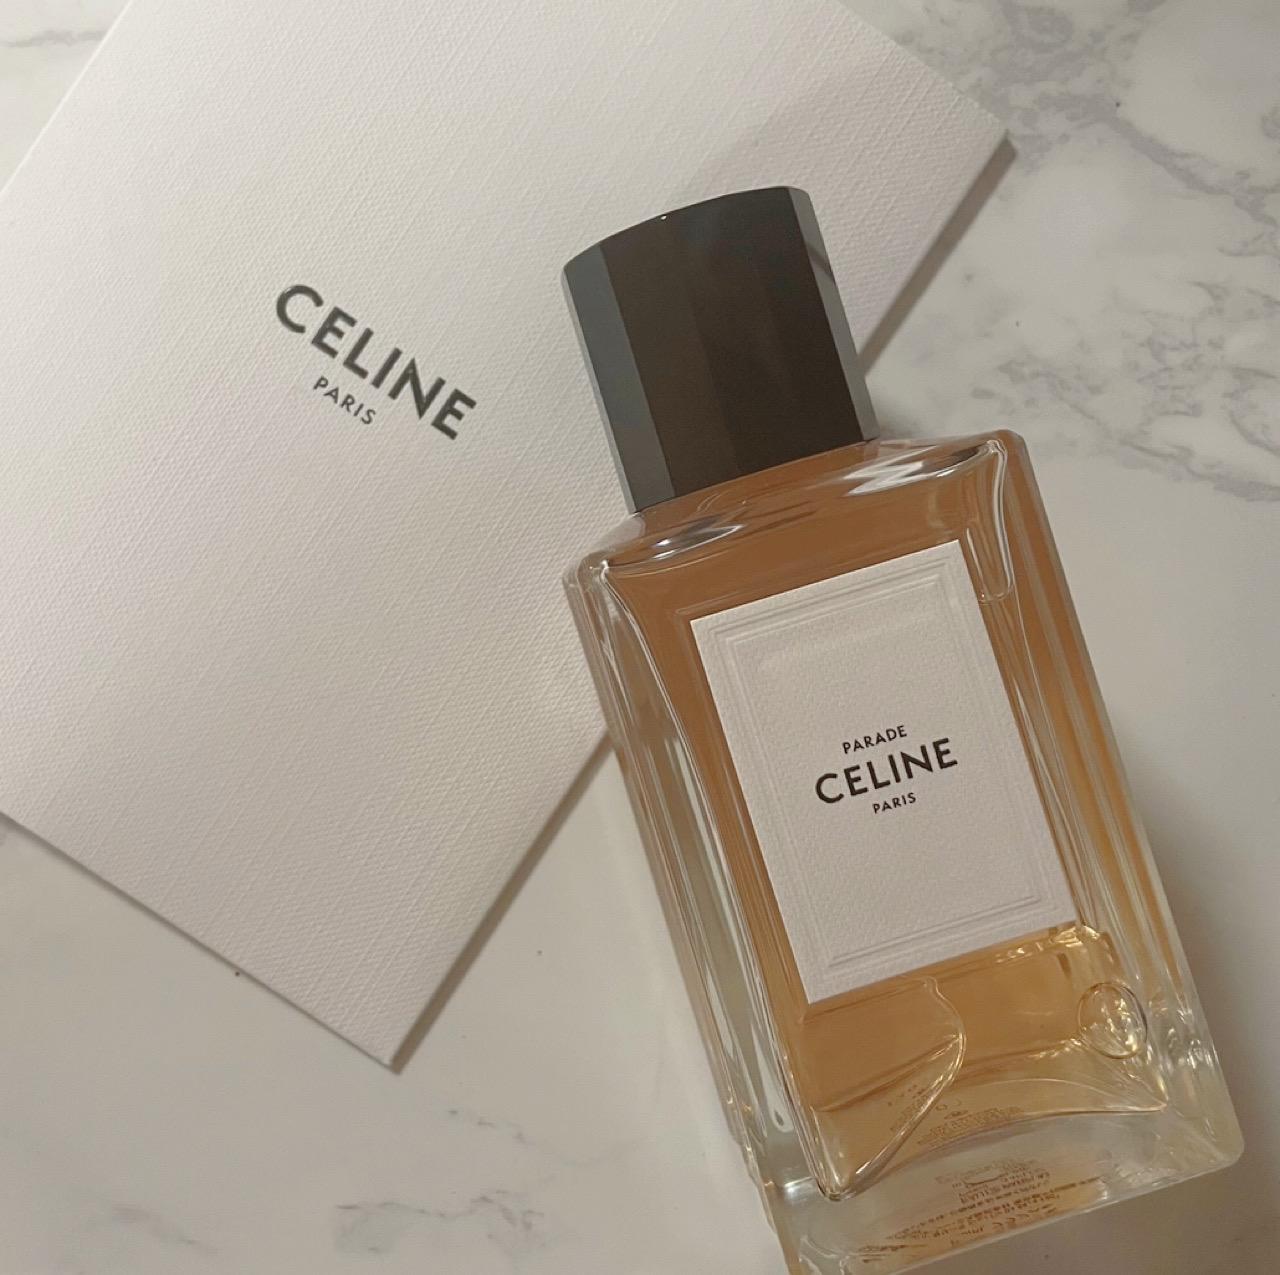 【CELINE オードパルファム PARADE】自分へのご褒美にはとびきり素敵な香りを。_1